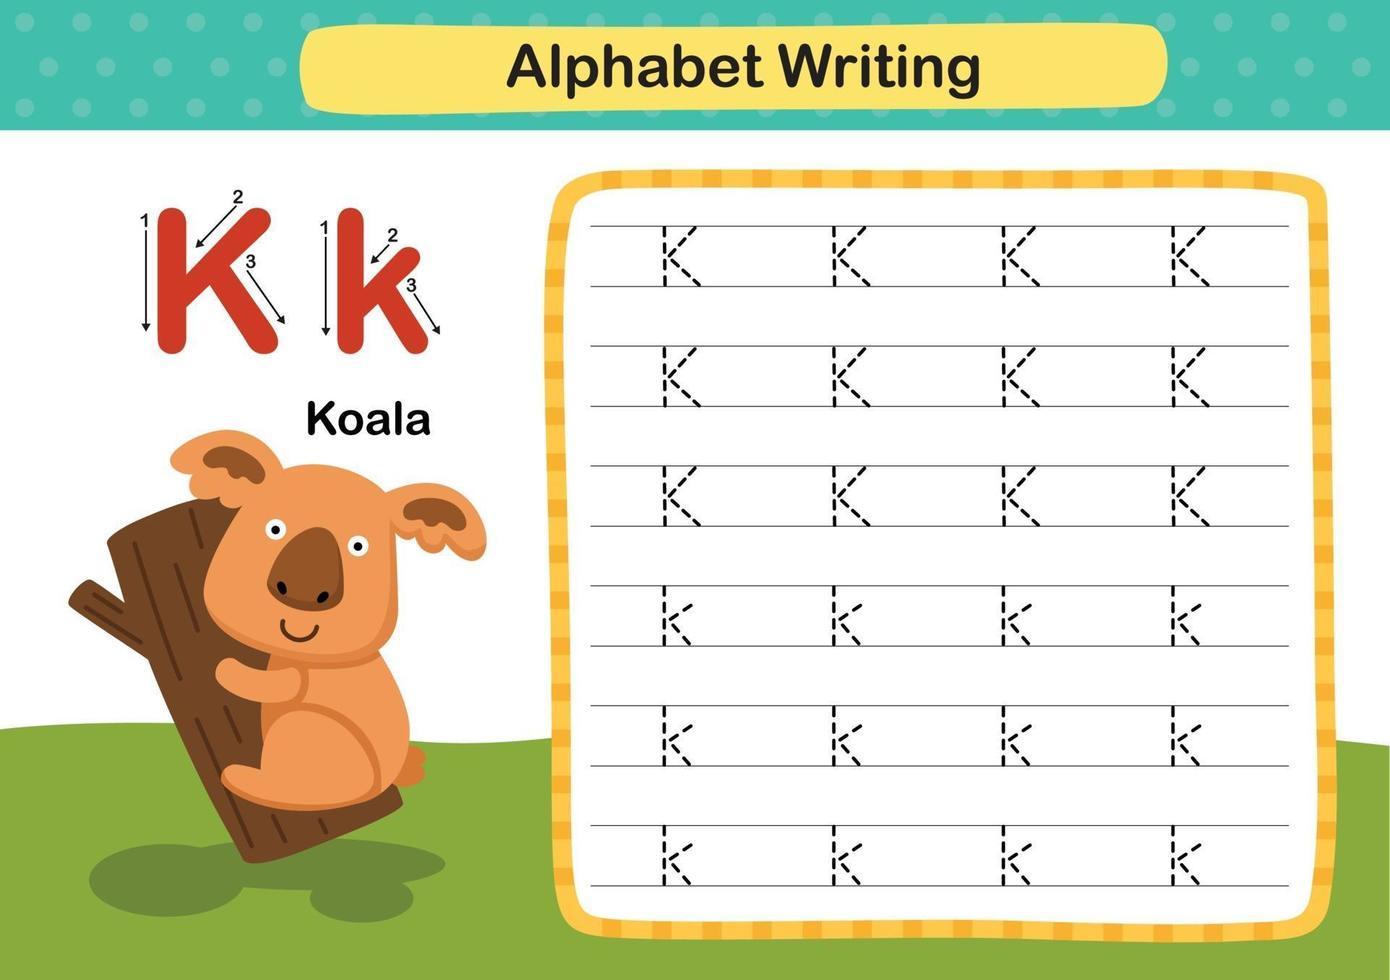 alfabet letter k-koala oefening met cartoon woordenschat illustratie, vector